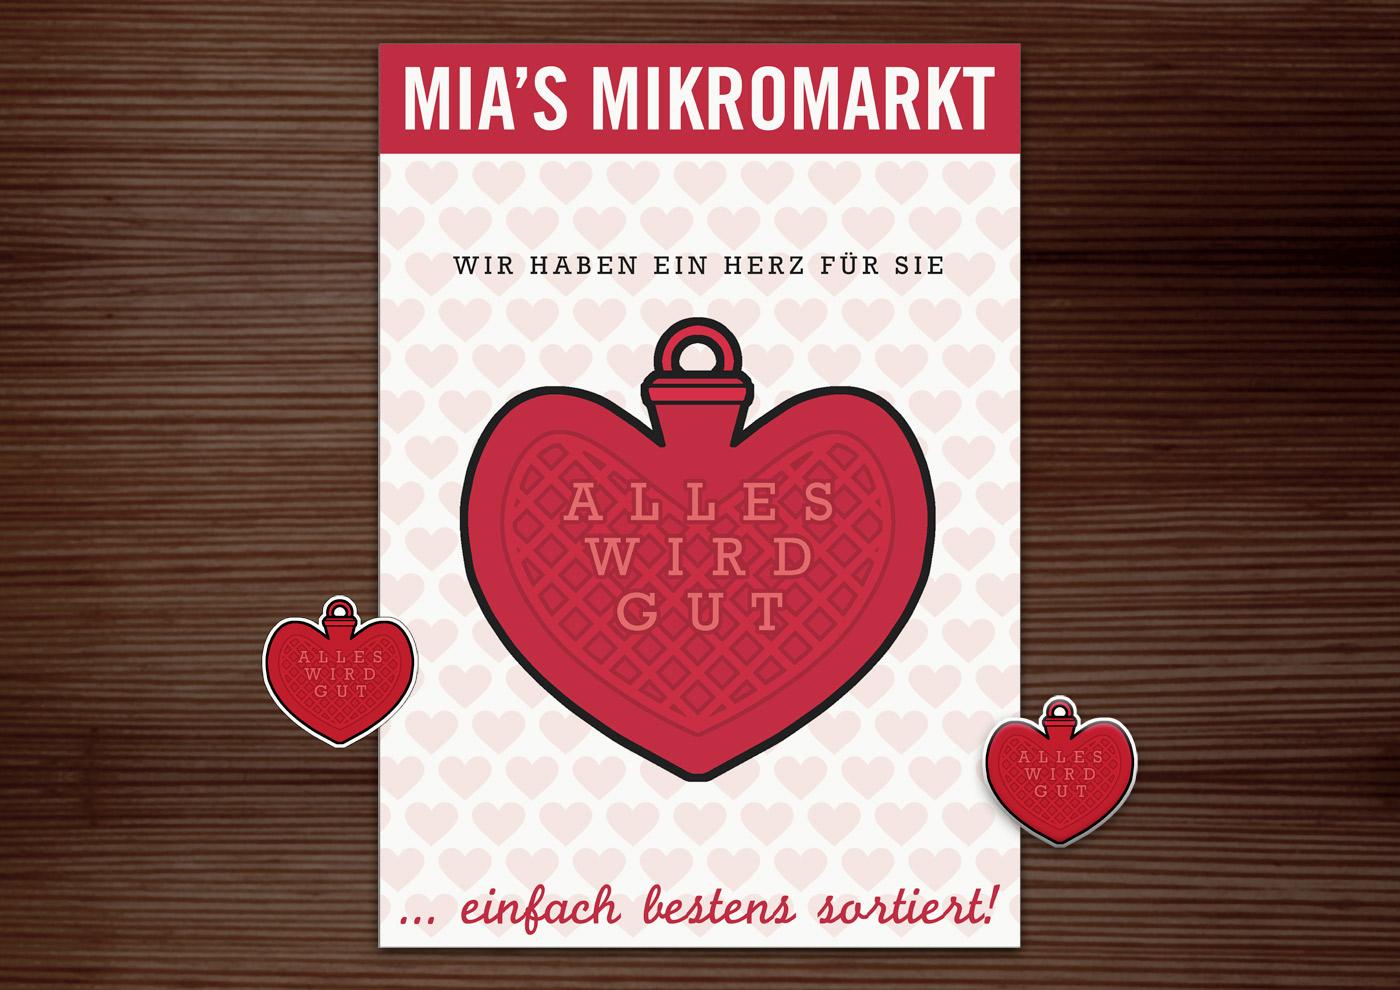 Corporate Identity, Logo und Grafik Design mit Wärmherz Herzwärmflasche und Alles-wird-gut für Lily Lux Mia's Mikromarkt